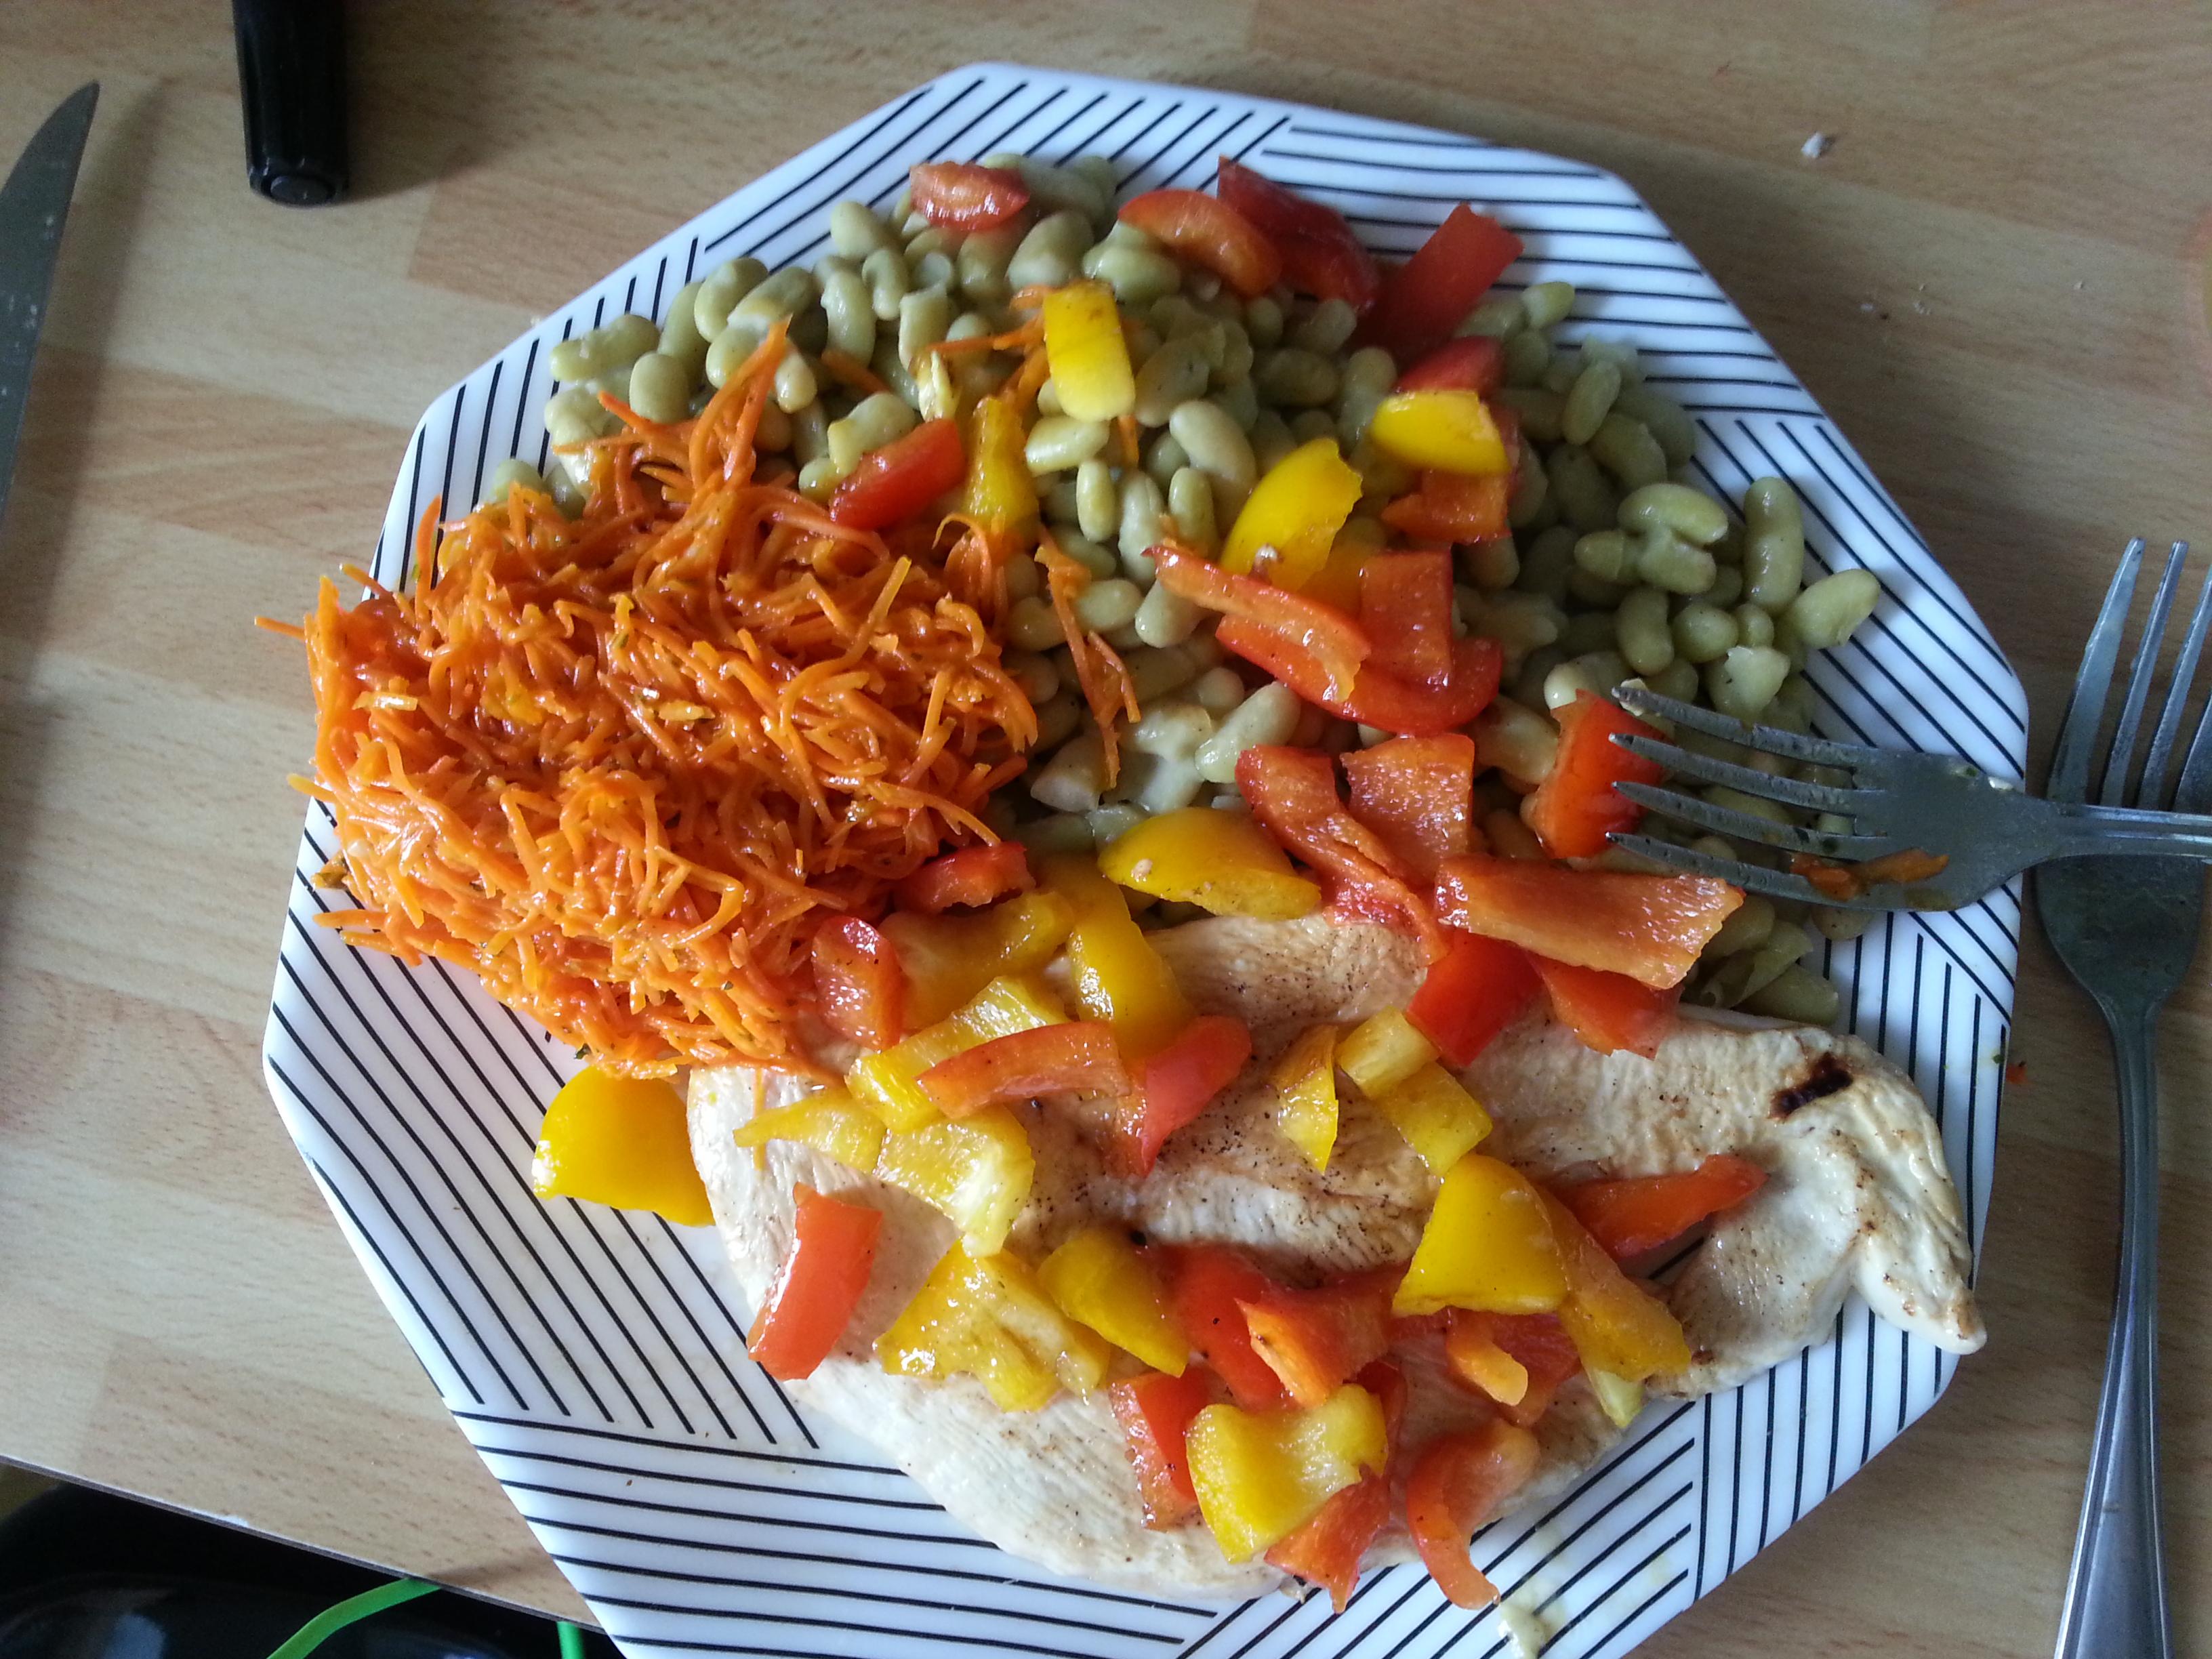 Dossier le r gime zone partie 1 manger sainement et correctement - Quantite de viande par personne pour un repas ...